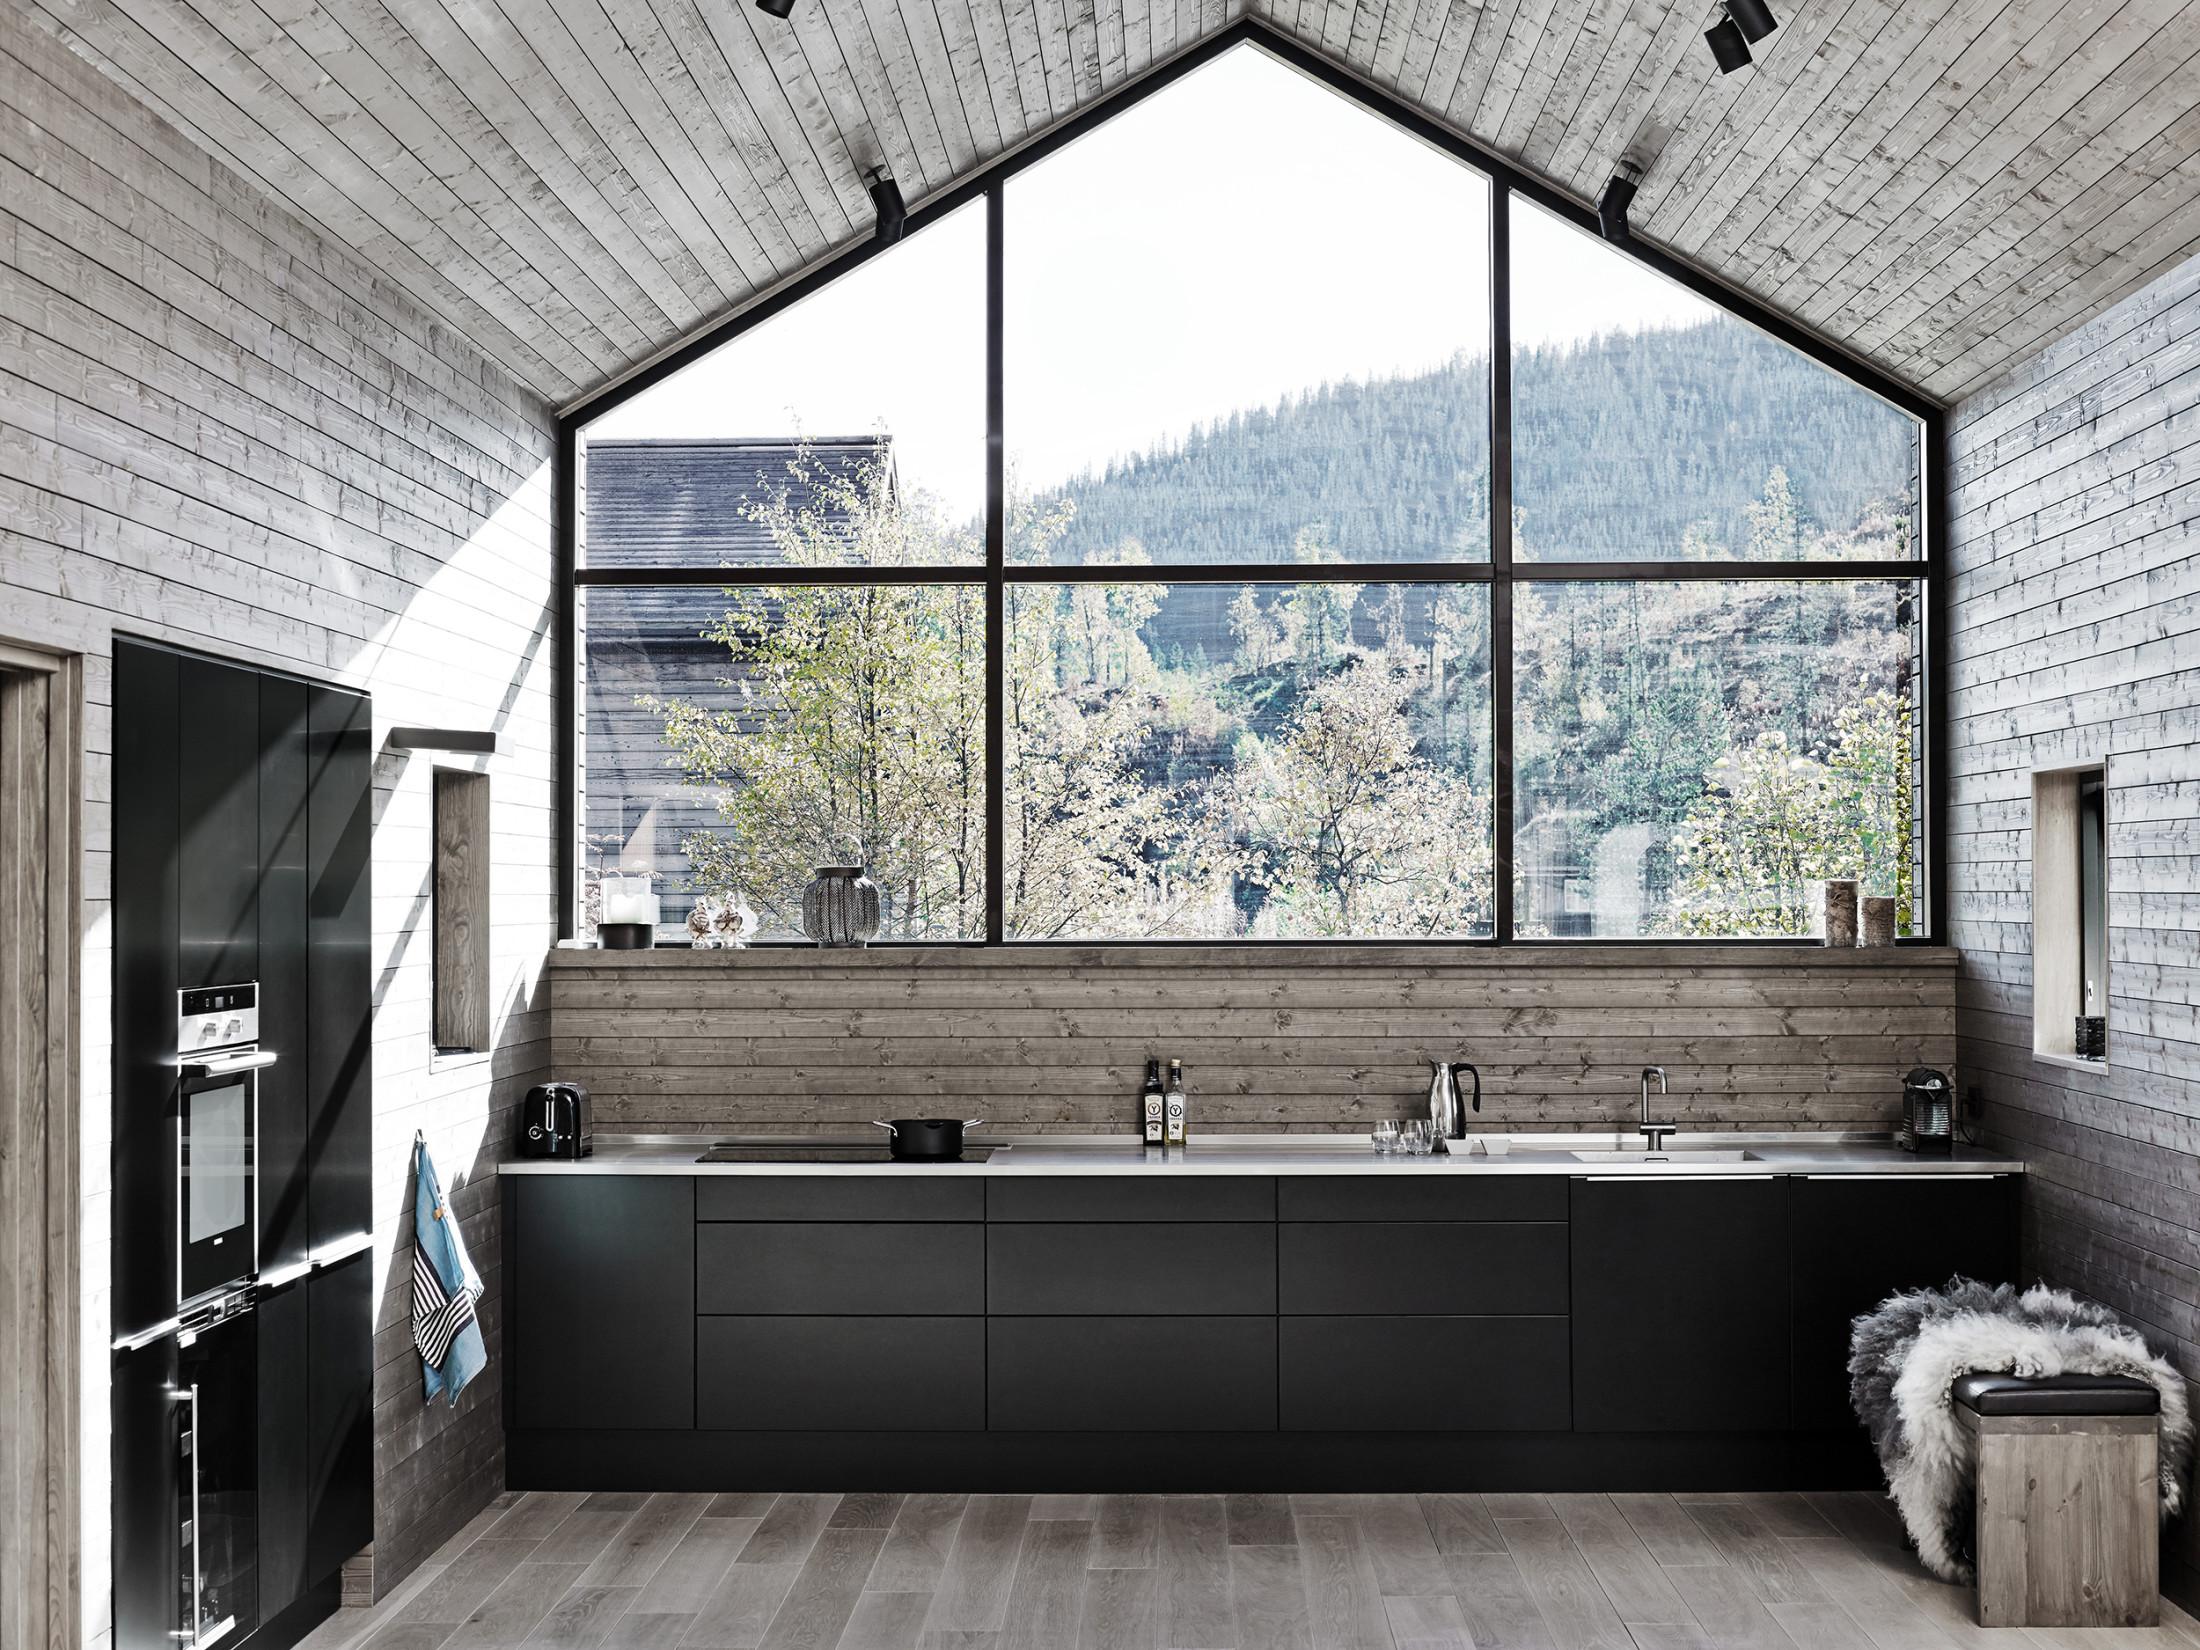 Dapur dengan perpaduan gaya rustic dan kontemporer (Sumber: tvis.com)